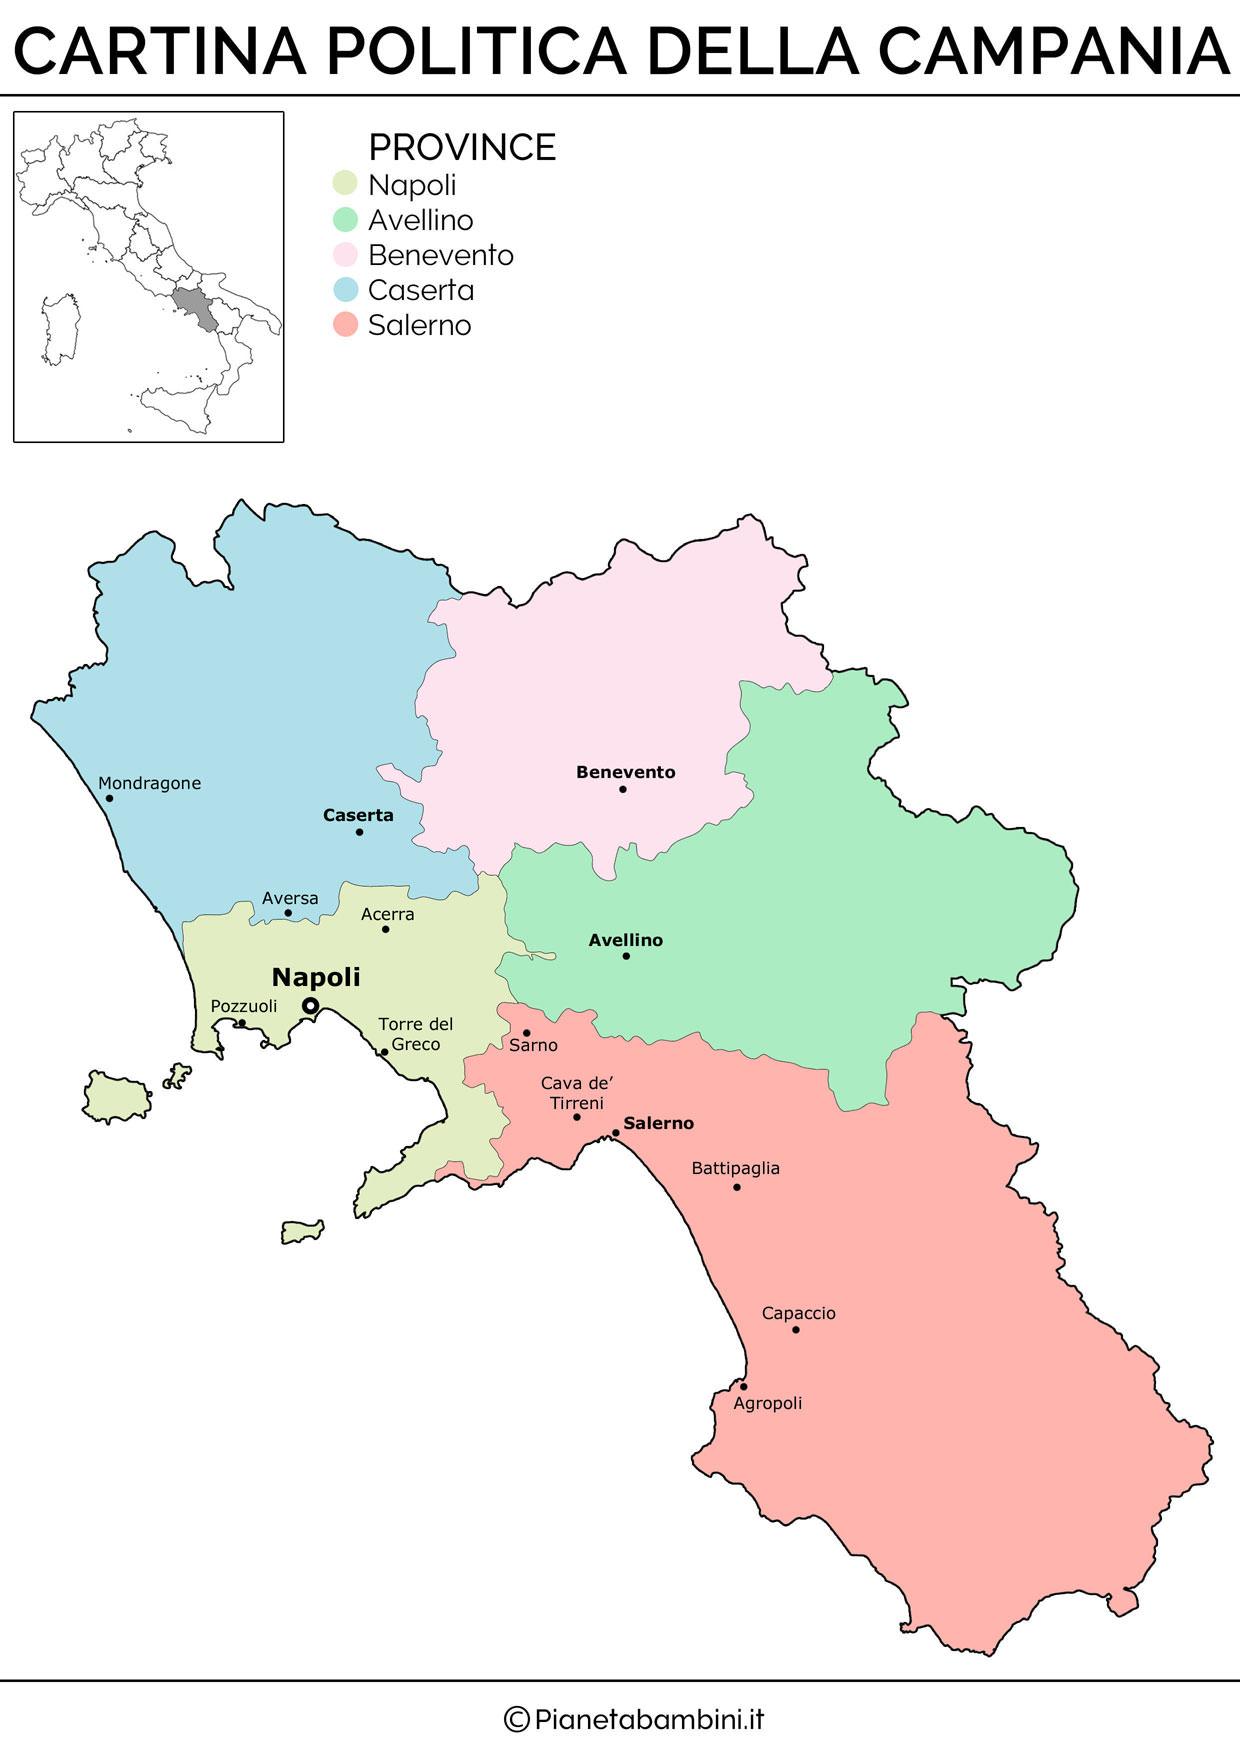 La Cartina Geografica Della Campania.Cartina Muta Fisica E Politica Della Campania Da Stampare Pianetabambini It